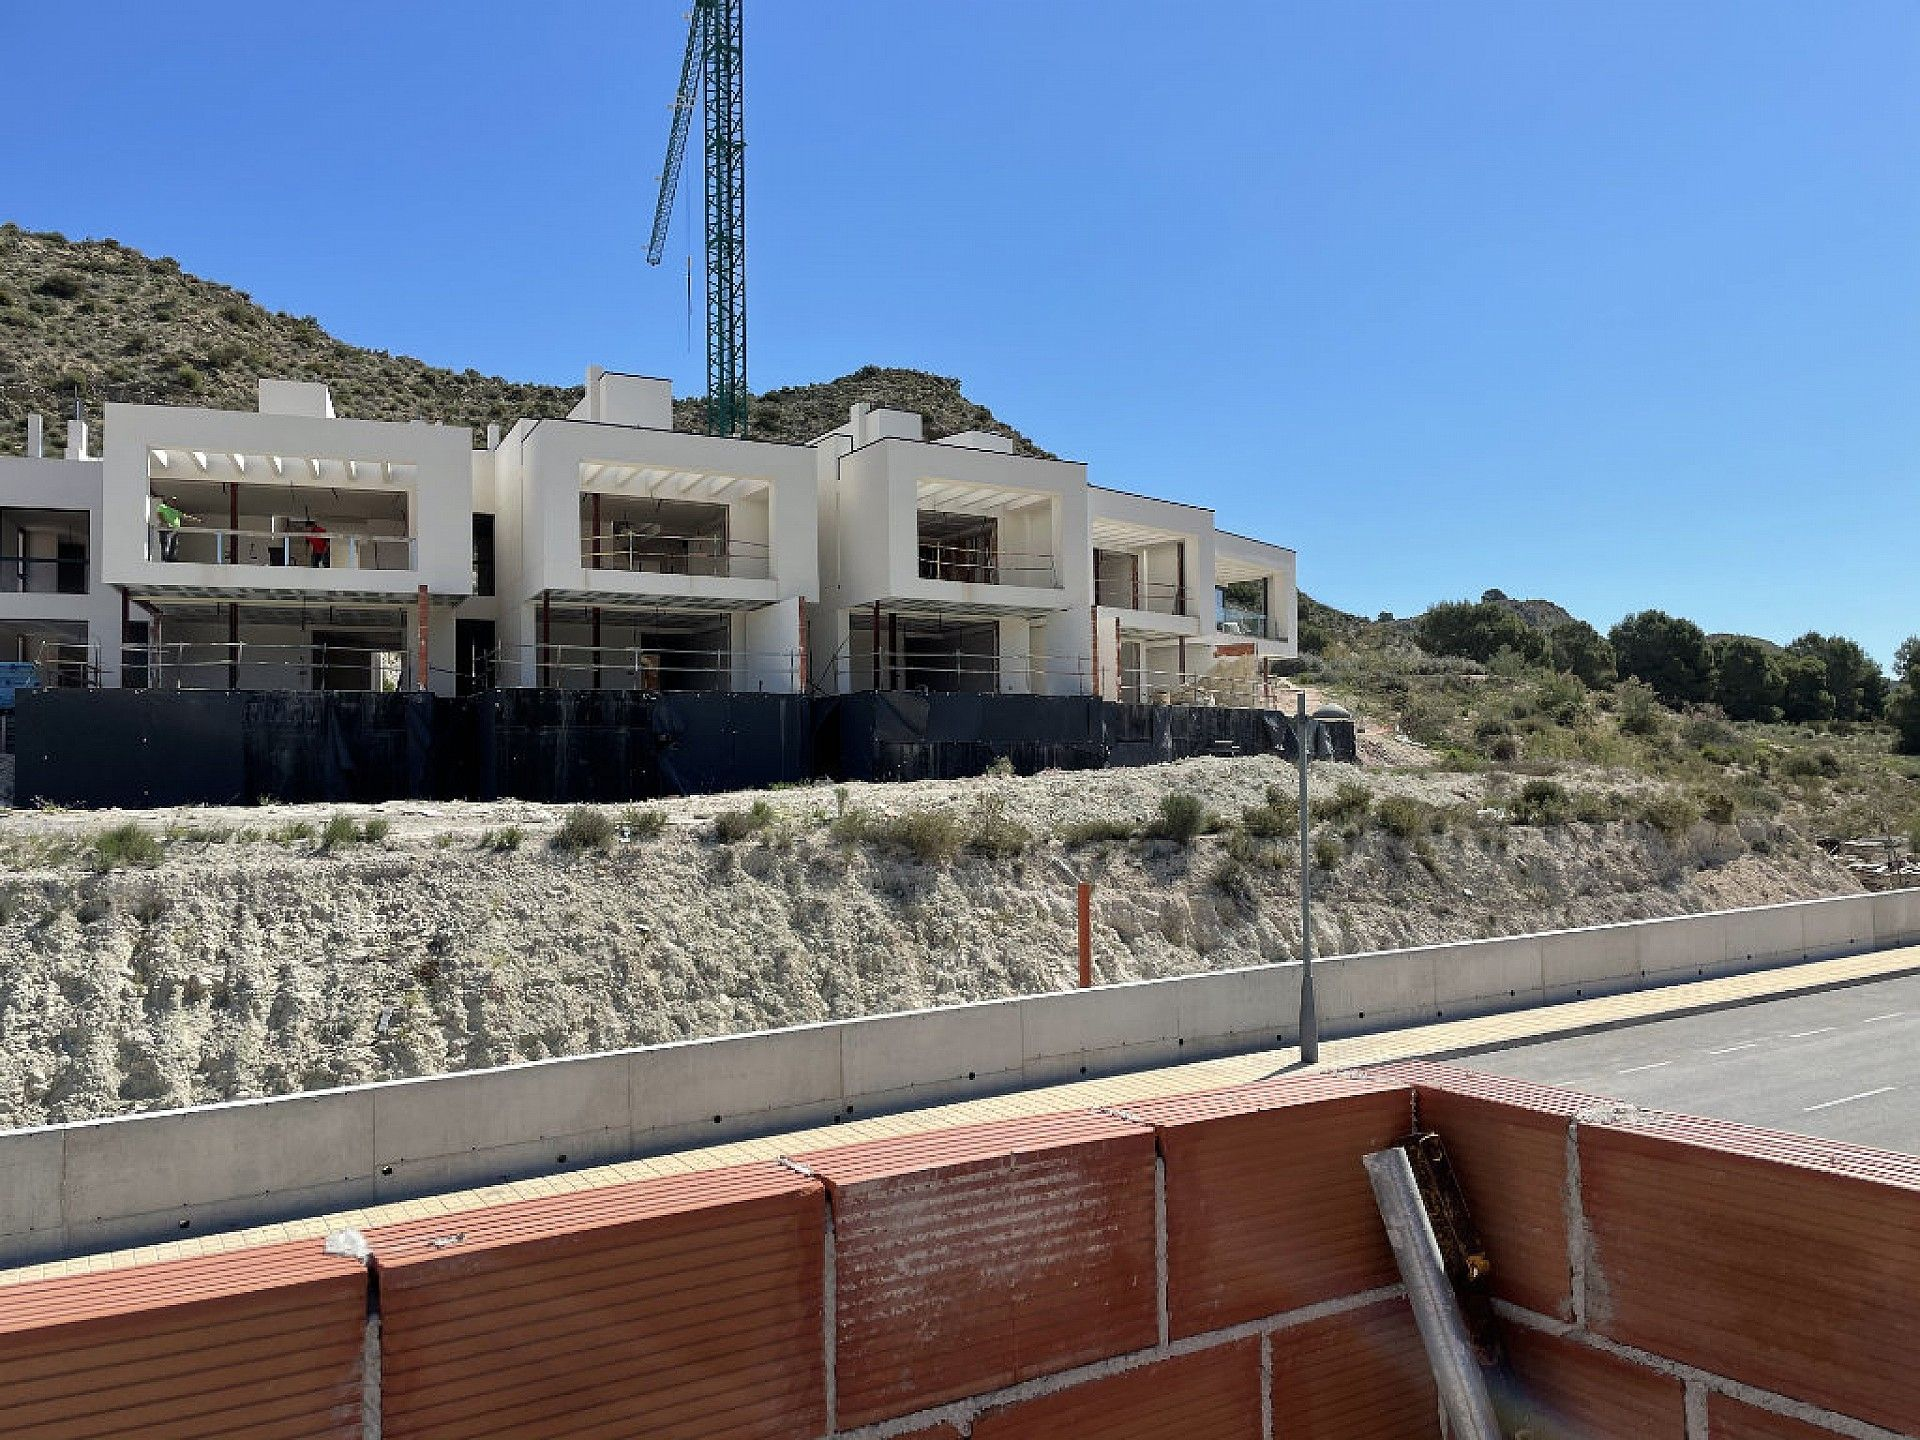 w_nieuwbouw-appartement-te-koop-golf-alicante-montforte-costa-blanca-spanje-golfview-022.jpg